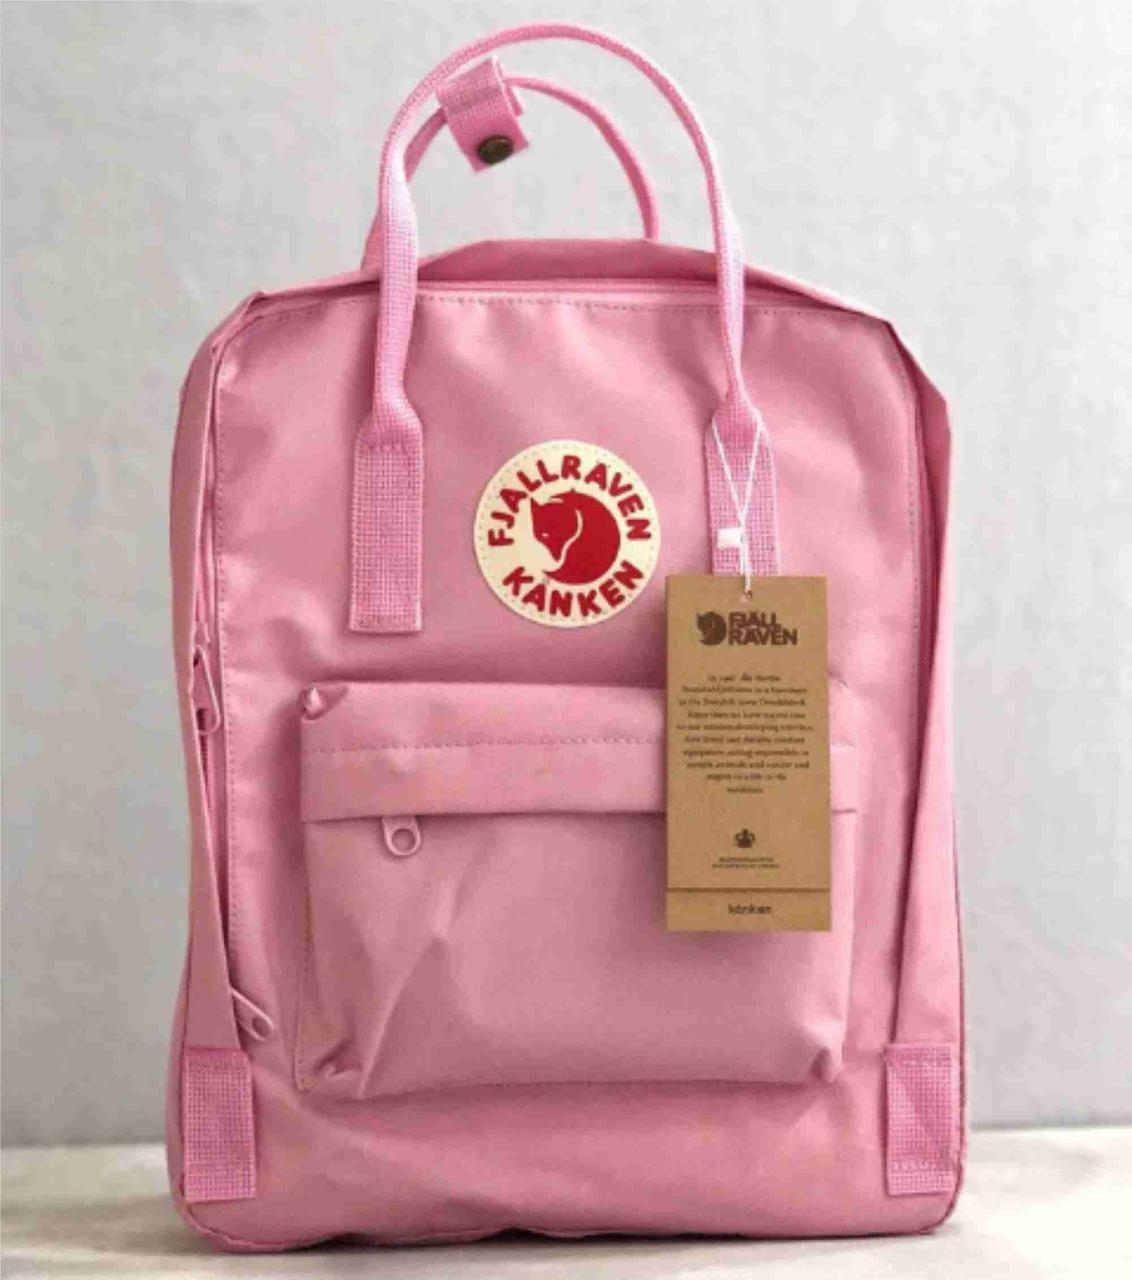 Рюкзак Fjallraven Kanken Classic. Вместительный рюкзак. Рюкзаки Канкен. Рюкзак Шведский Канкен. Рожевий